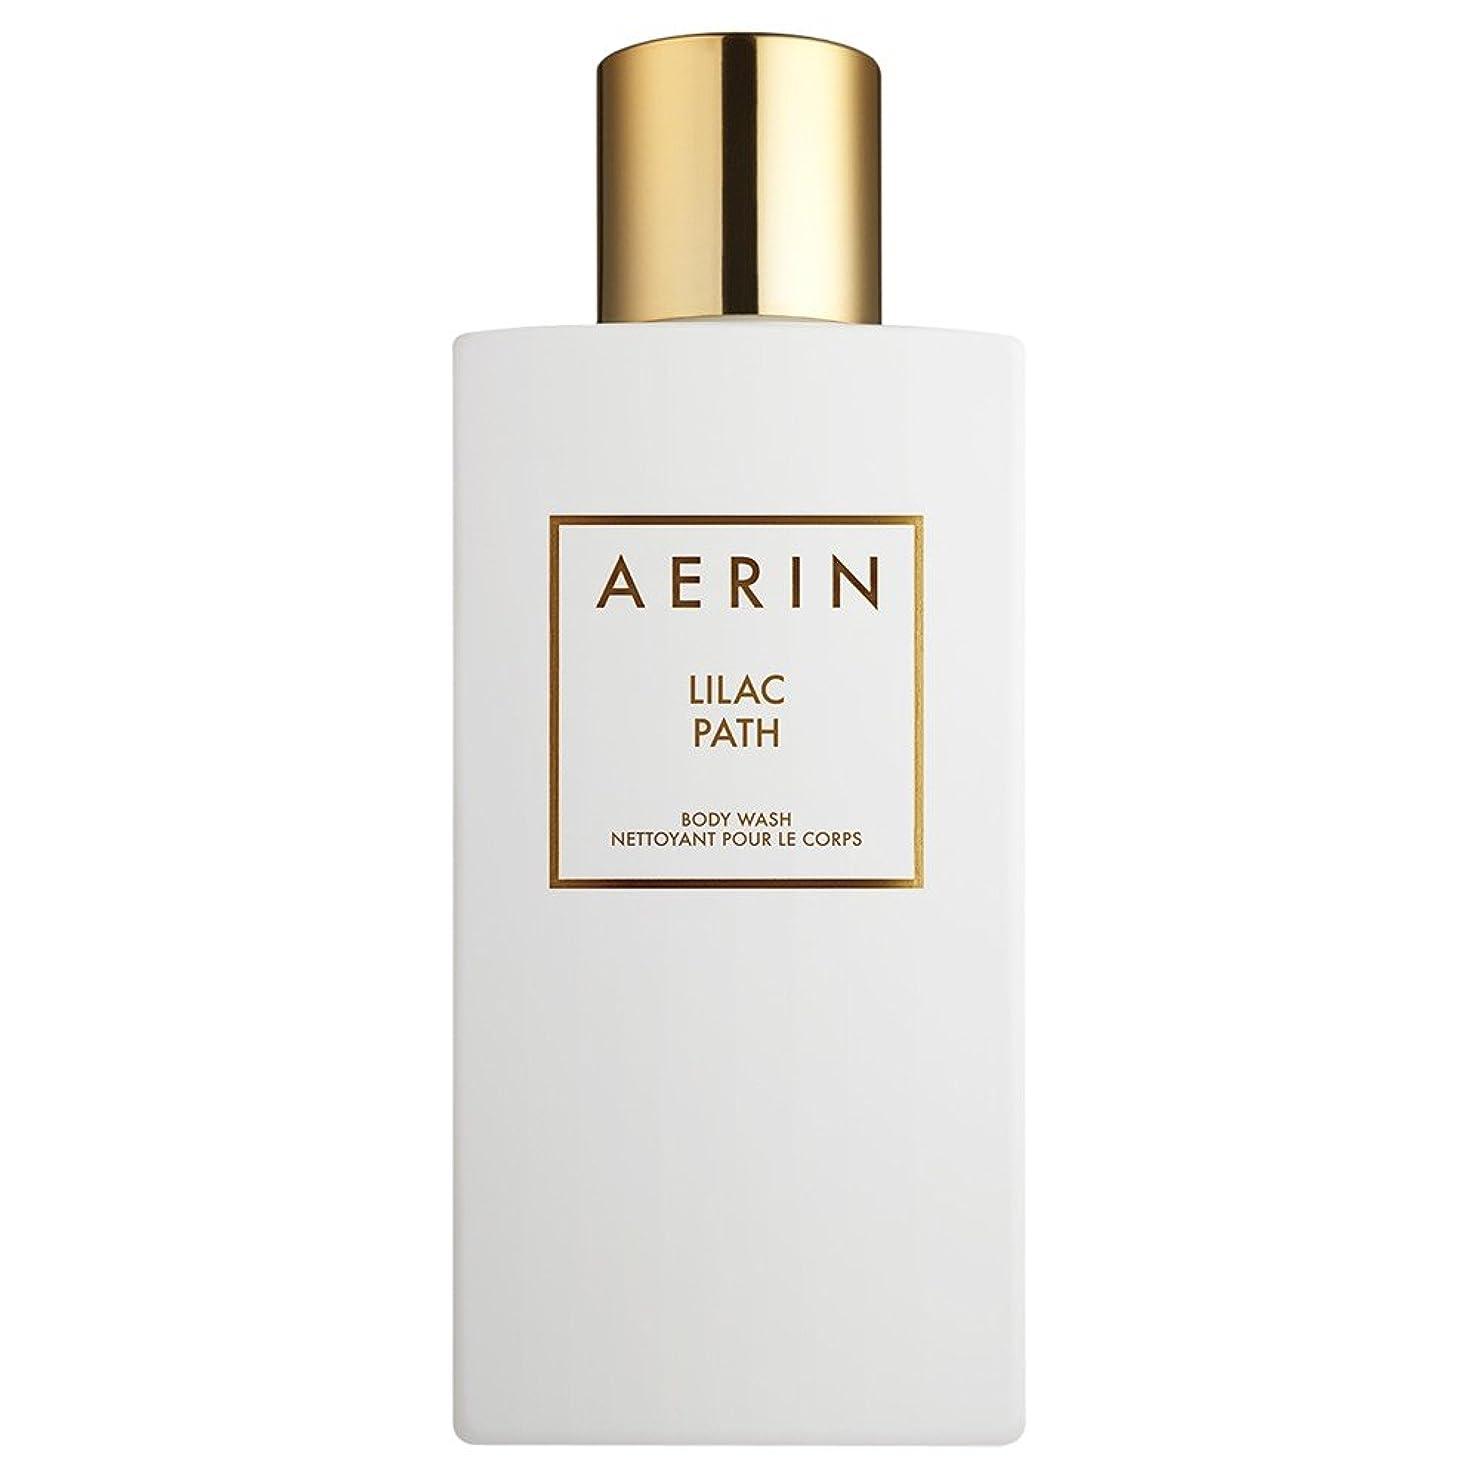 スーダン逃れる鉱夫Aerinライラックパスボディウォッシュ225ミリリットル (AERIN) (x2) - AERIN Lilac Path Bodywash 225ml (Pack of 2) [並行輸入品]